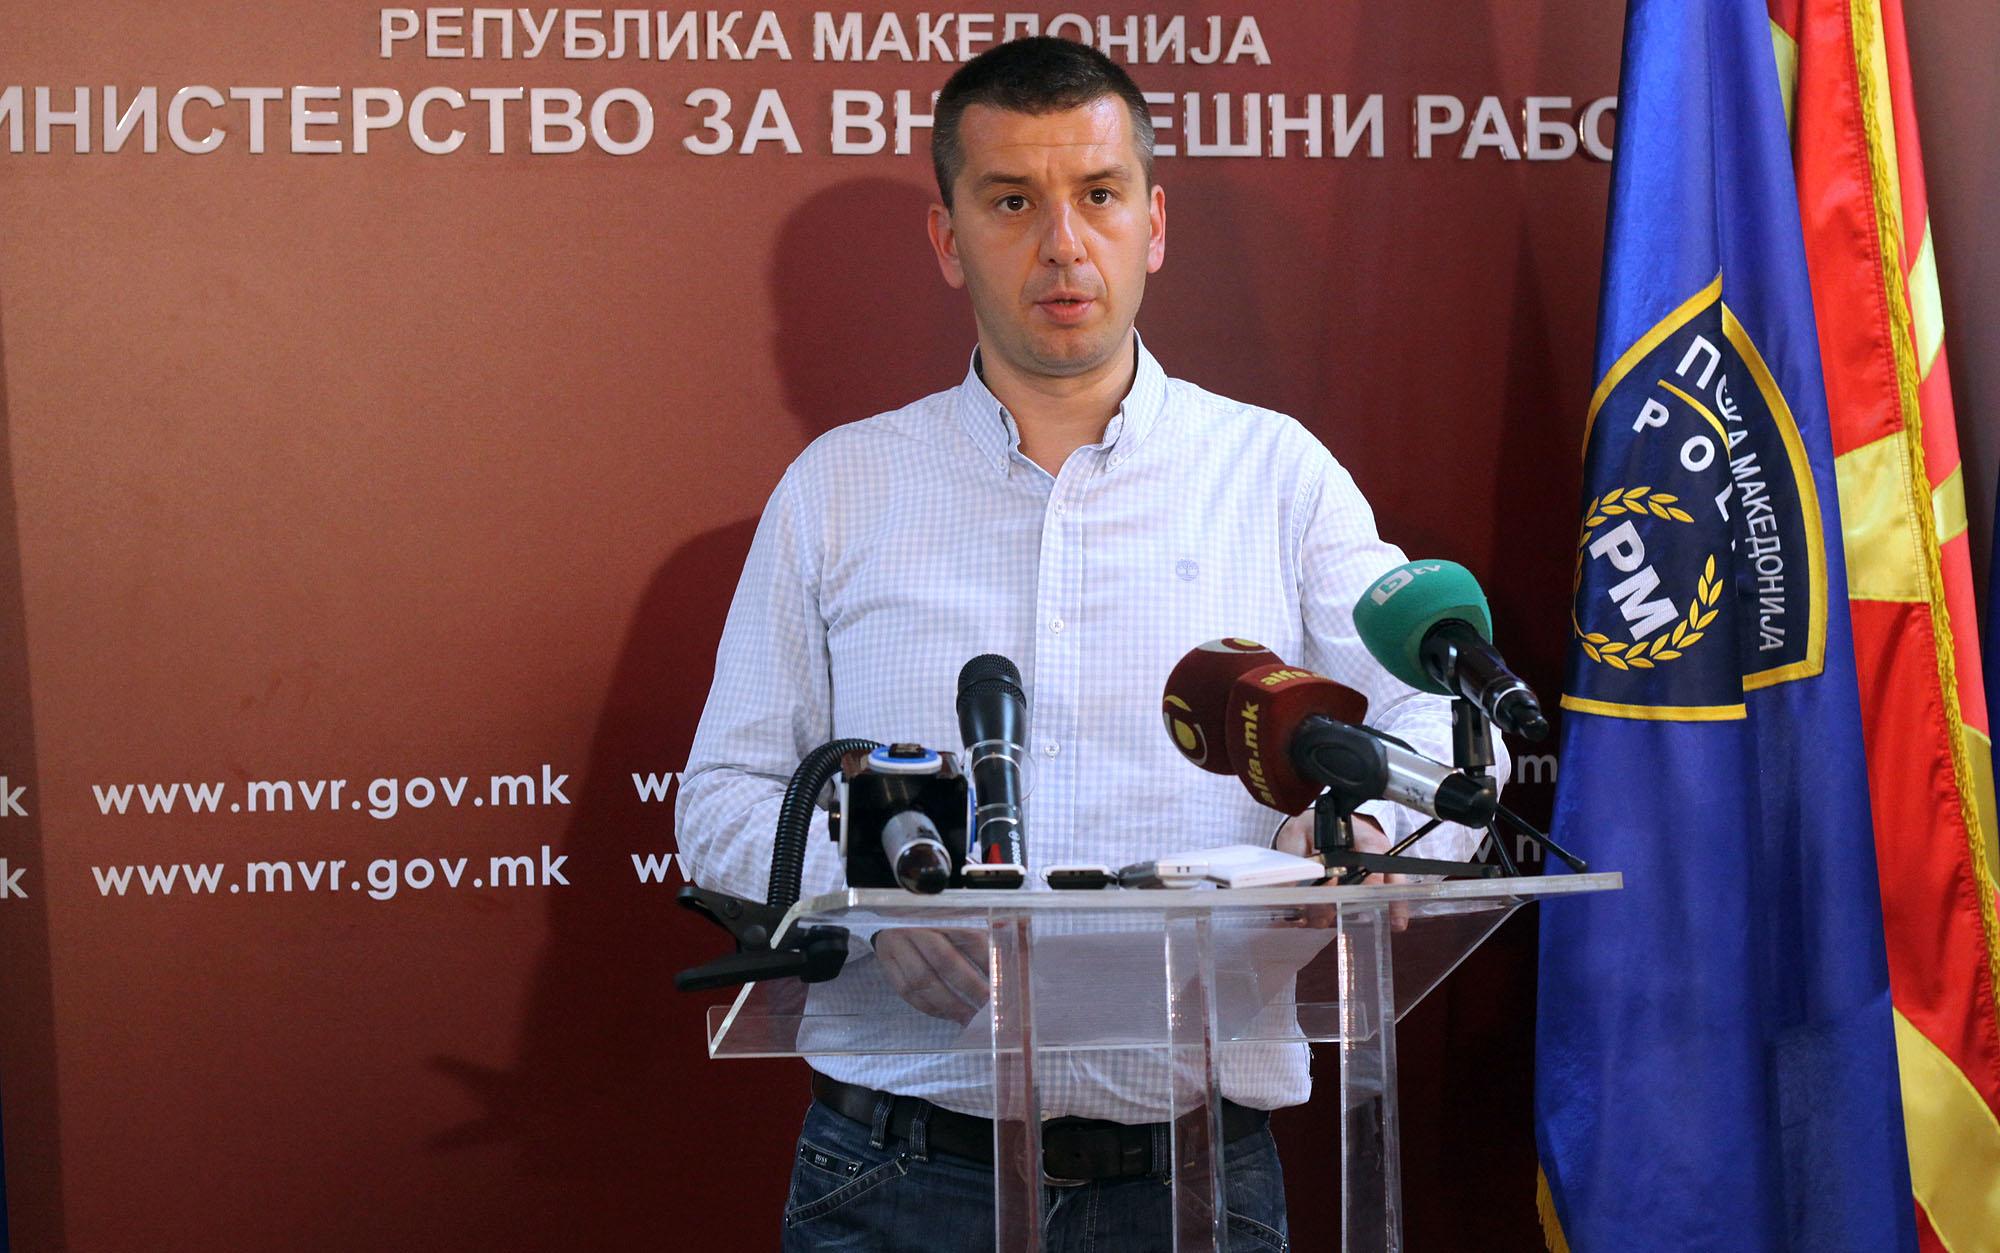 Заврши акцијата во Куманово: Терористите елиминирани и неутрализирани